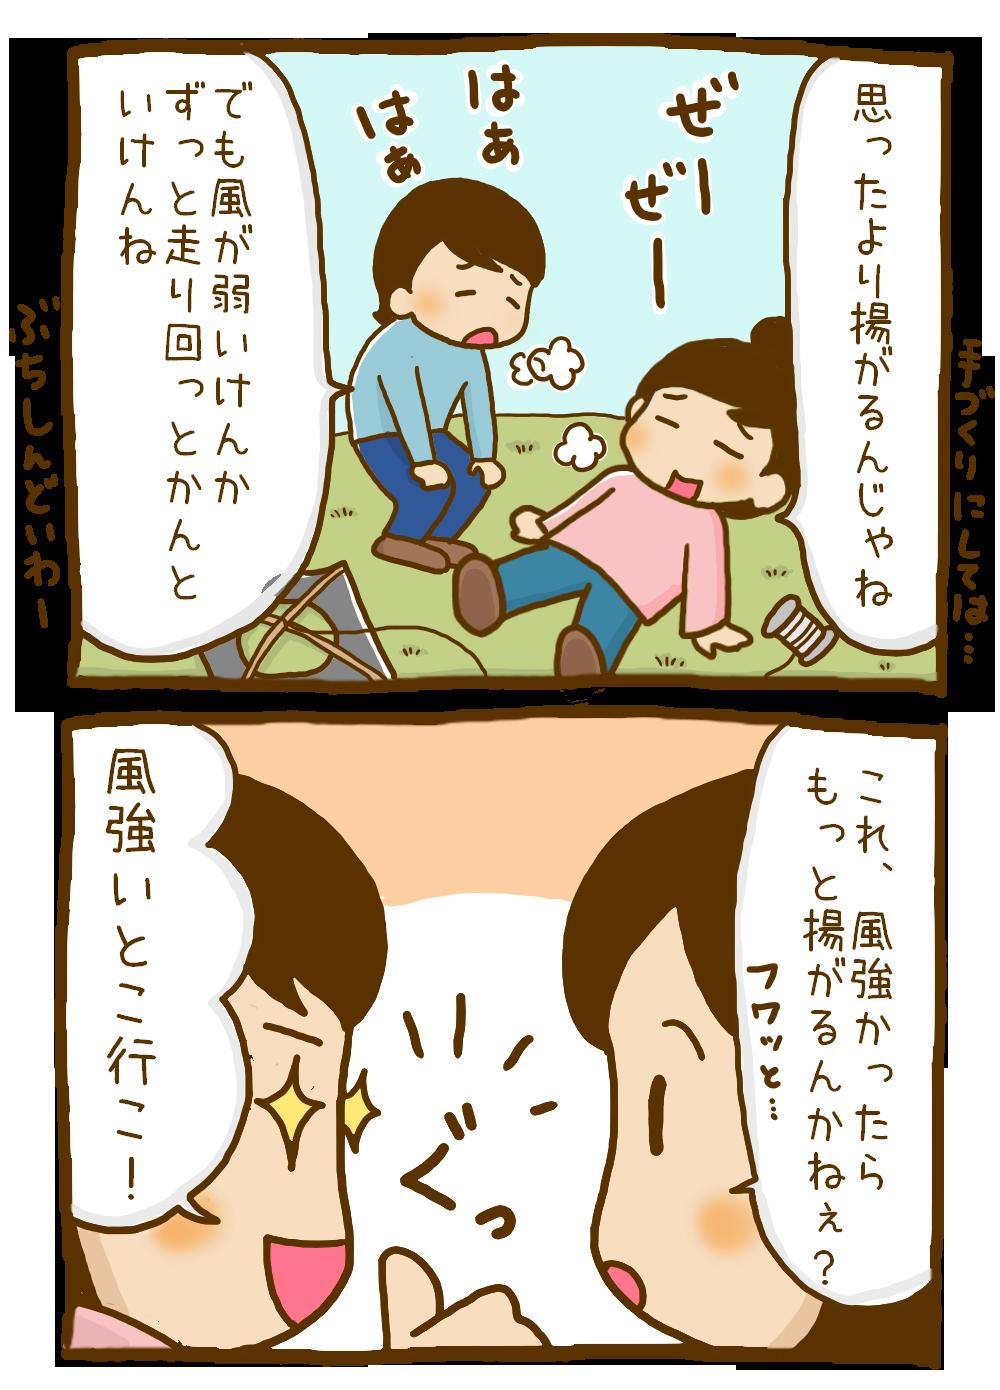 途中の漫画・・・